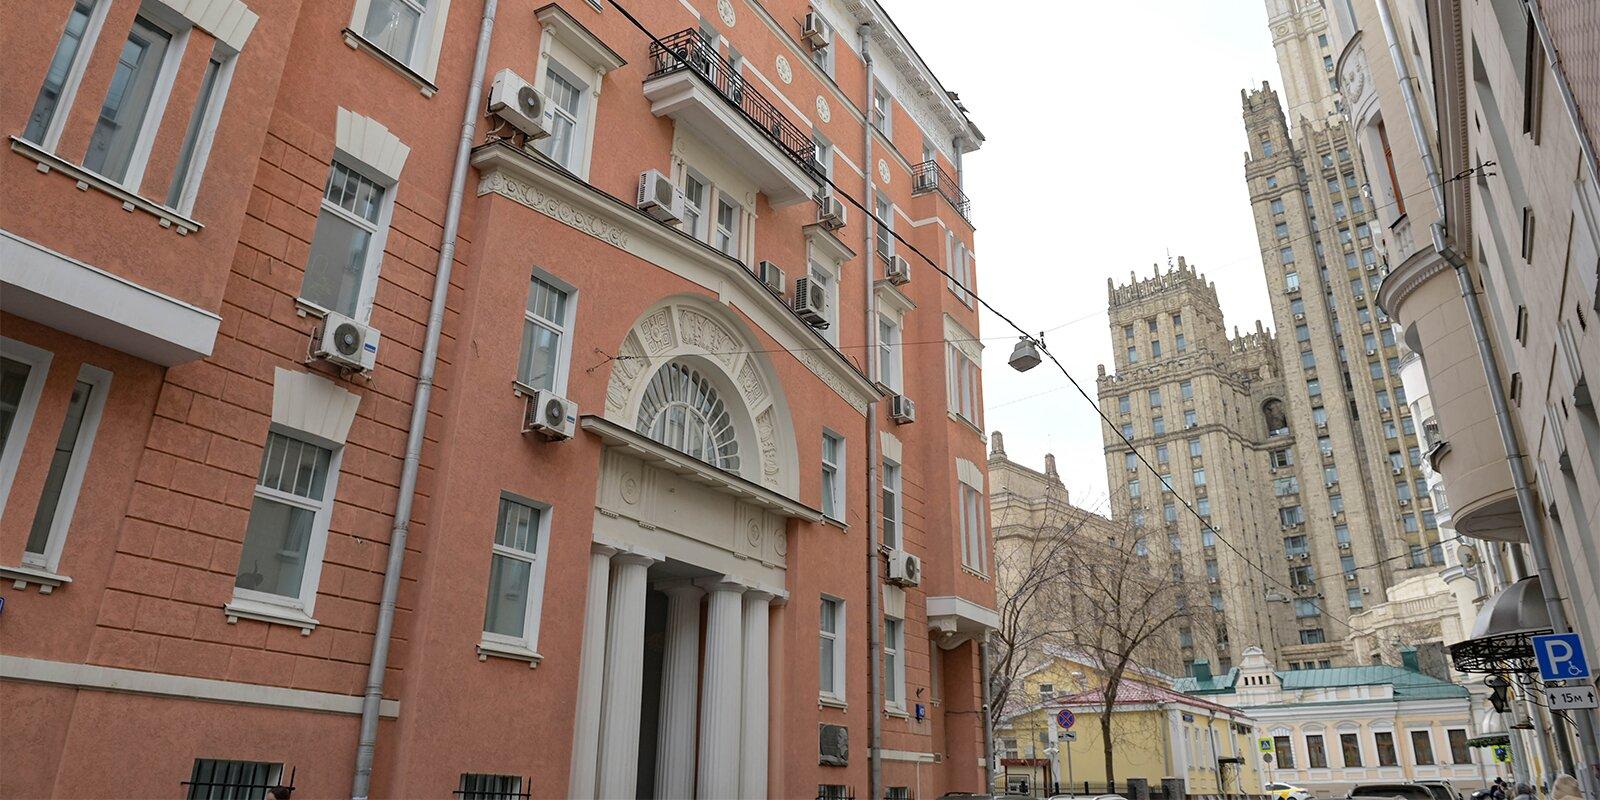 Дом с вековой историей отремонтируют в районе. Фото: сайт мэра Москвы